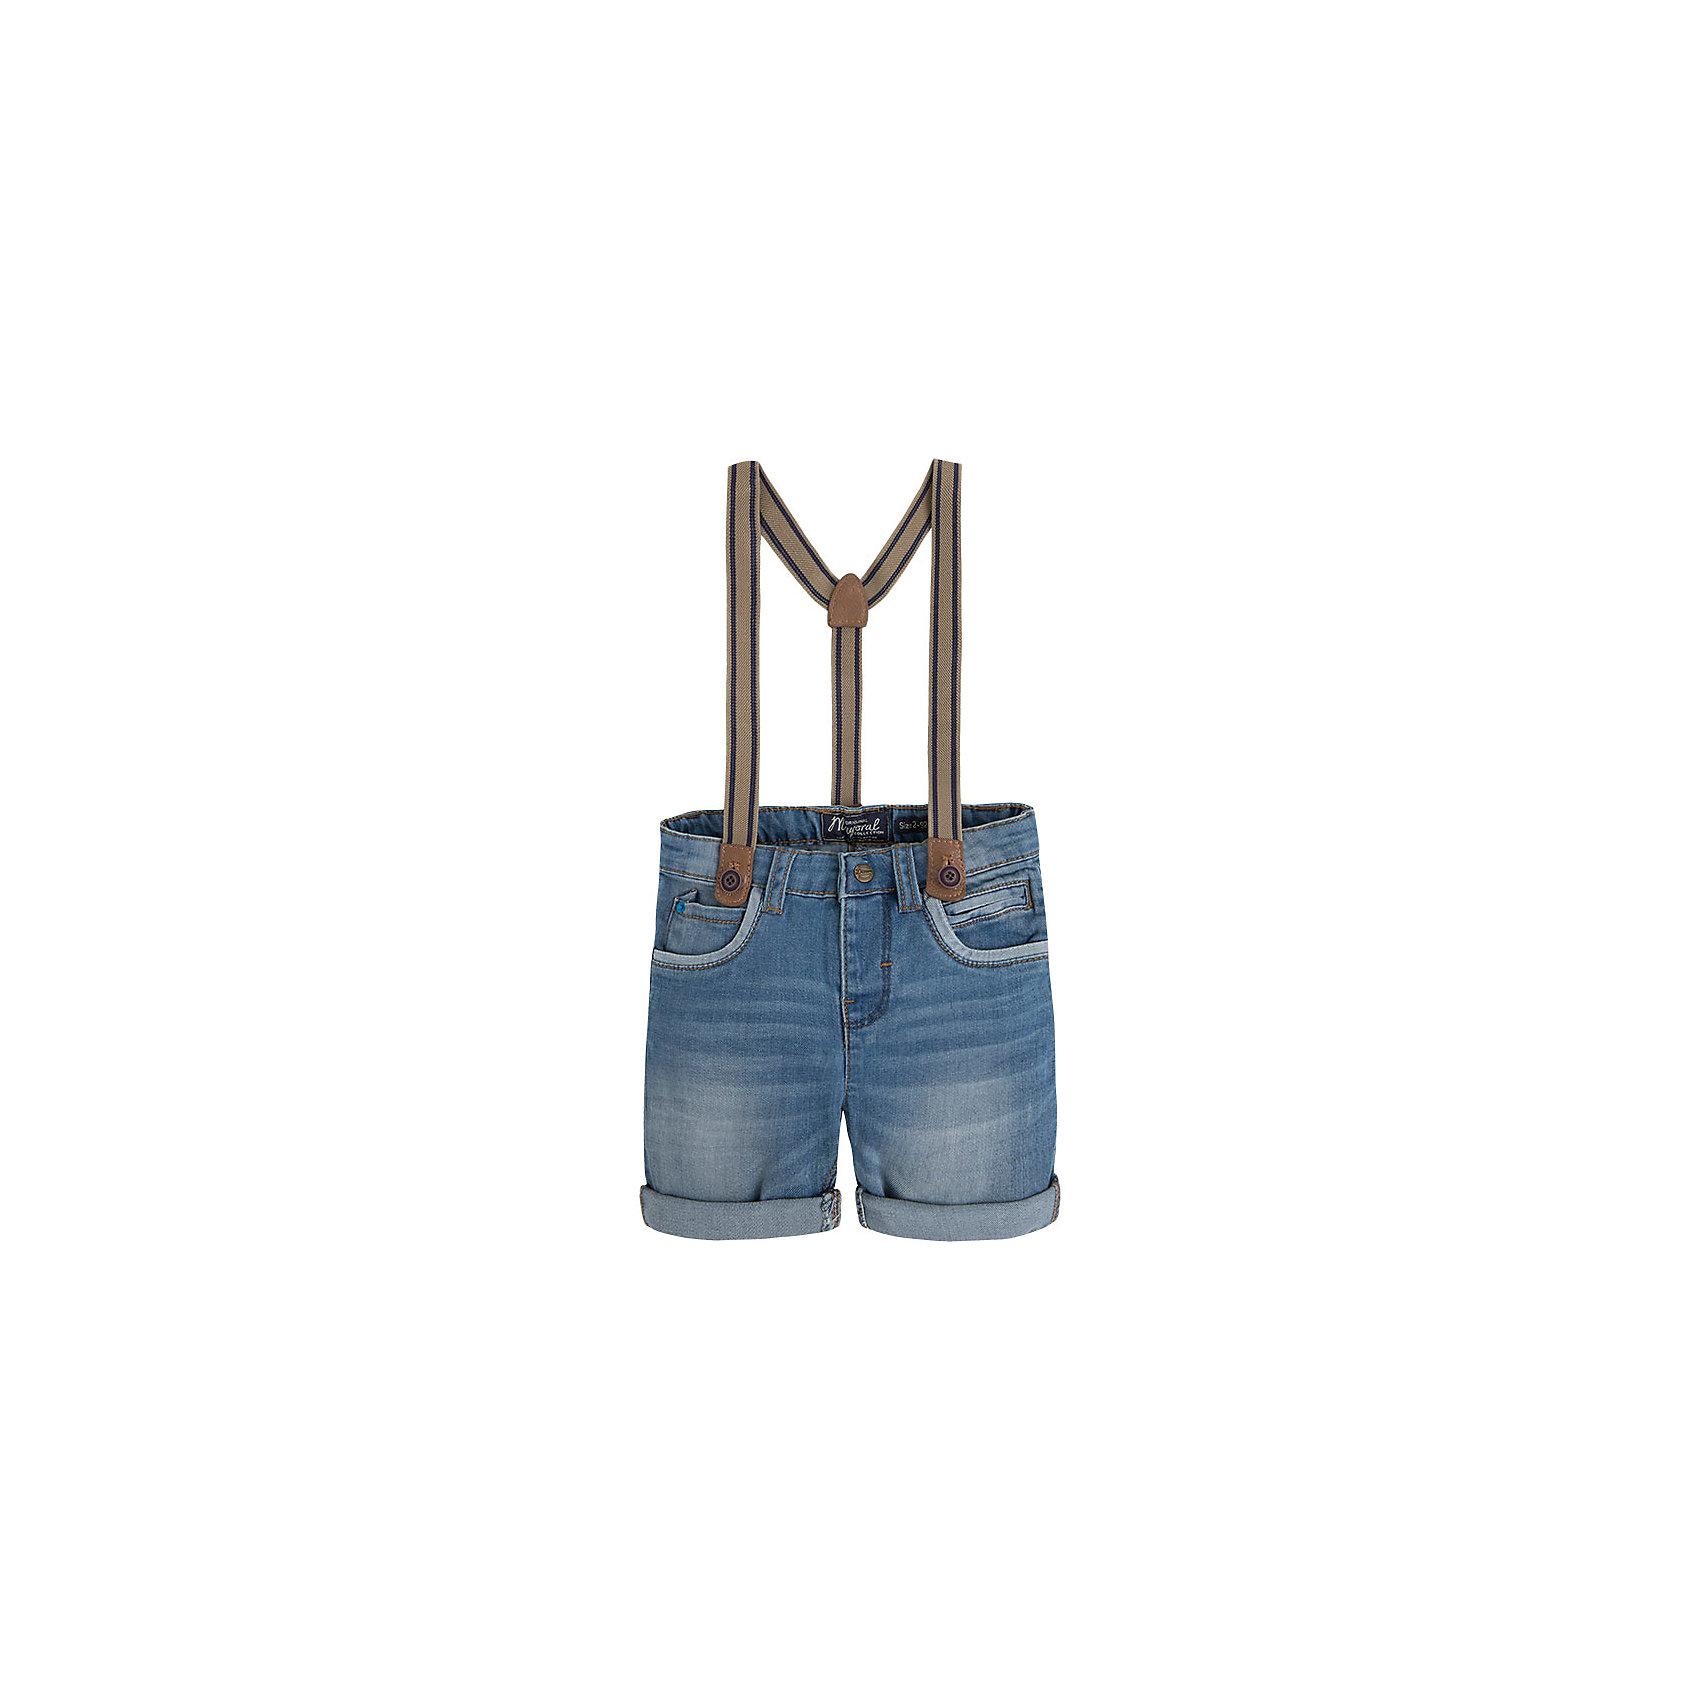 Бриджи для мальчика MayoralБриджи для мальчика от известной испанской марки Mayoral <br><br>Стильные джинсовые бриджи от Mayoral. Они прекрасно сочетаются с разными вещами. Пояс регулируется с помощью резинки. Модель выполнена из качественных материалов, отлично сидит по фигуре.<br><br>Особенности модели:<br><br>- цвет: синий;<br>- отвороты;<br>- наличие карманов;<br>- в комплекте - подтяжки;<br>- внутренние резинки для регулировки пояса.<br><br>Дополнительная информация:<br><br>Состав: 98% хлопок, 2% эластан<br>Бриджи для мальчика Mayoral (Майорал) можно купить в нашем магазине.<br><br>Ширина мм: 191<br>Глубина мм: 10<br>Высота мм: 175<br>Вес г: 273<br>Цвет: голубой<br>Возраст от месяцев: 96<br>Возраст до месяцев: 108<br>Пол: Мужской<br>Возраст: Детский<br>Размер: 134,128,110,122,116,104,98<br>SKU: 4541920